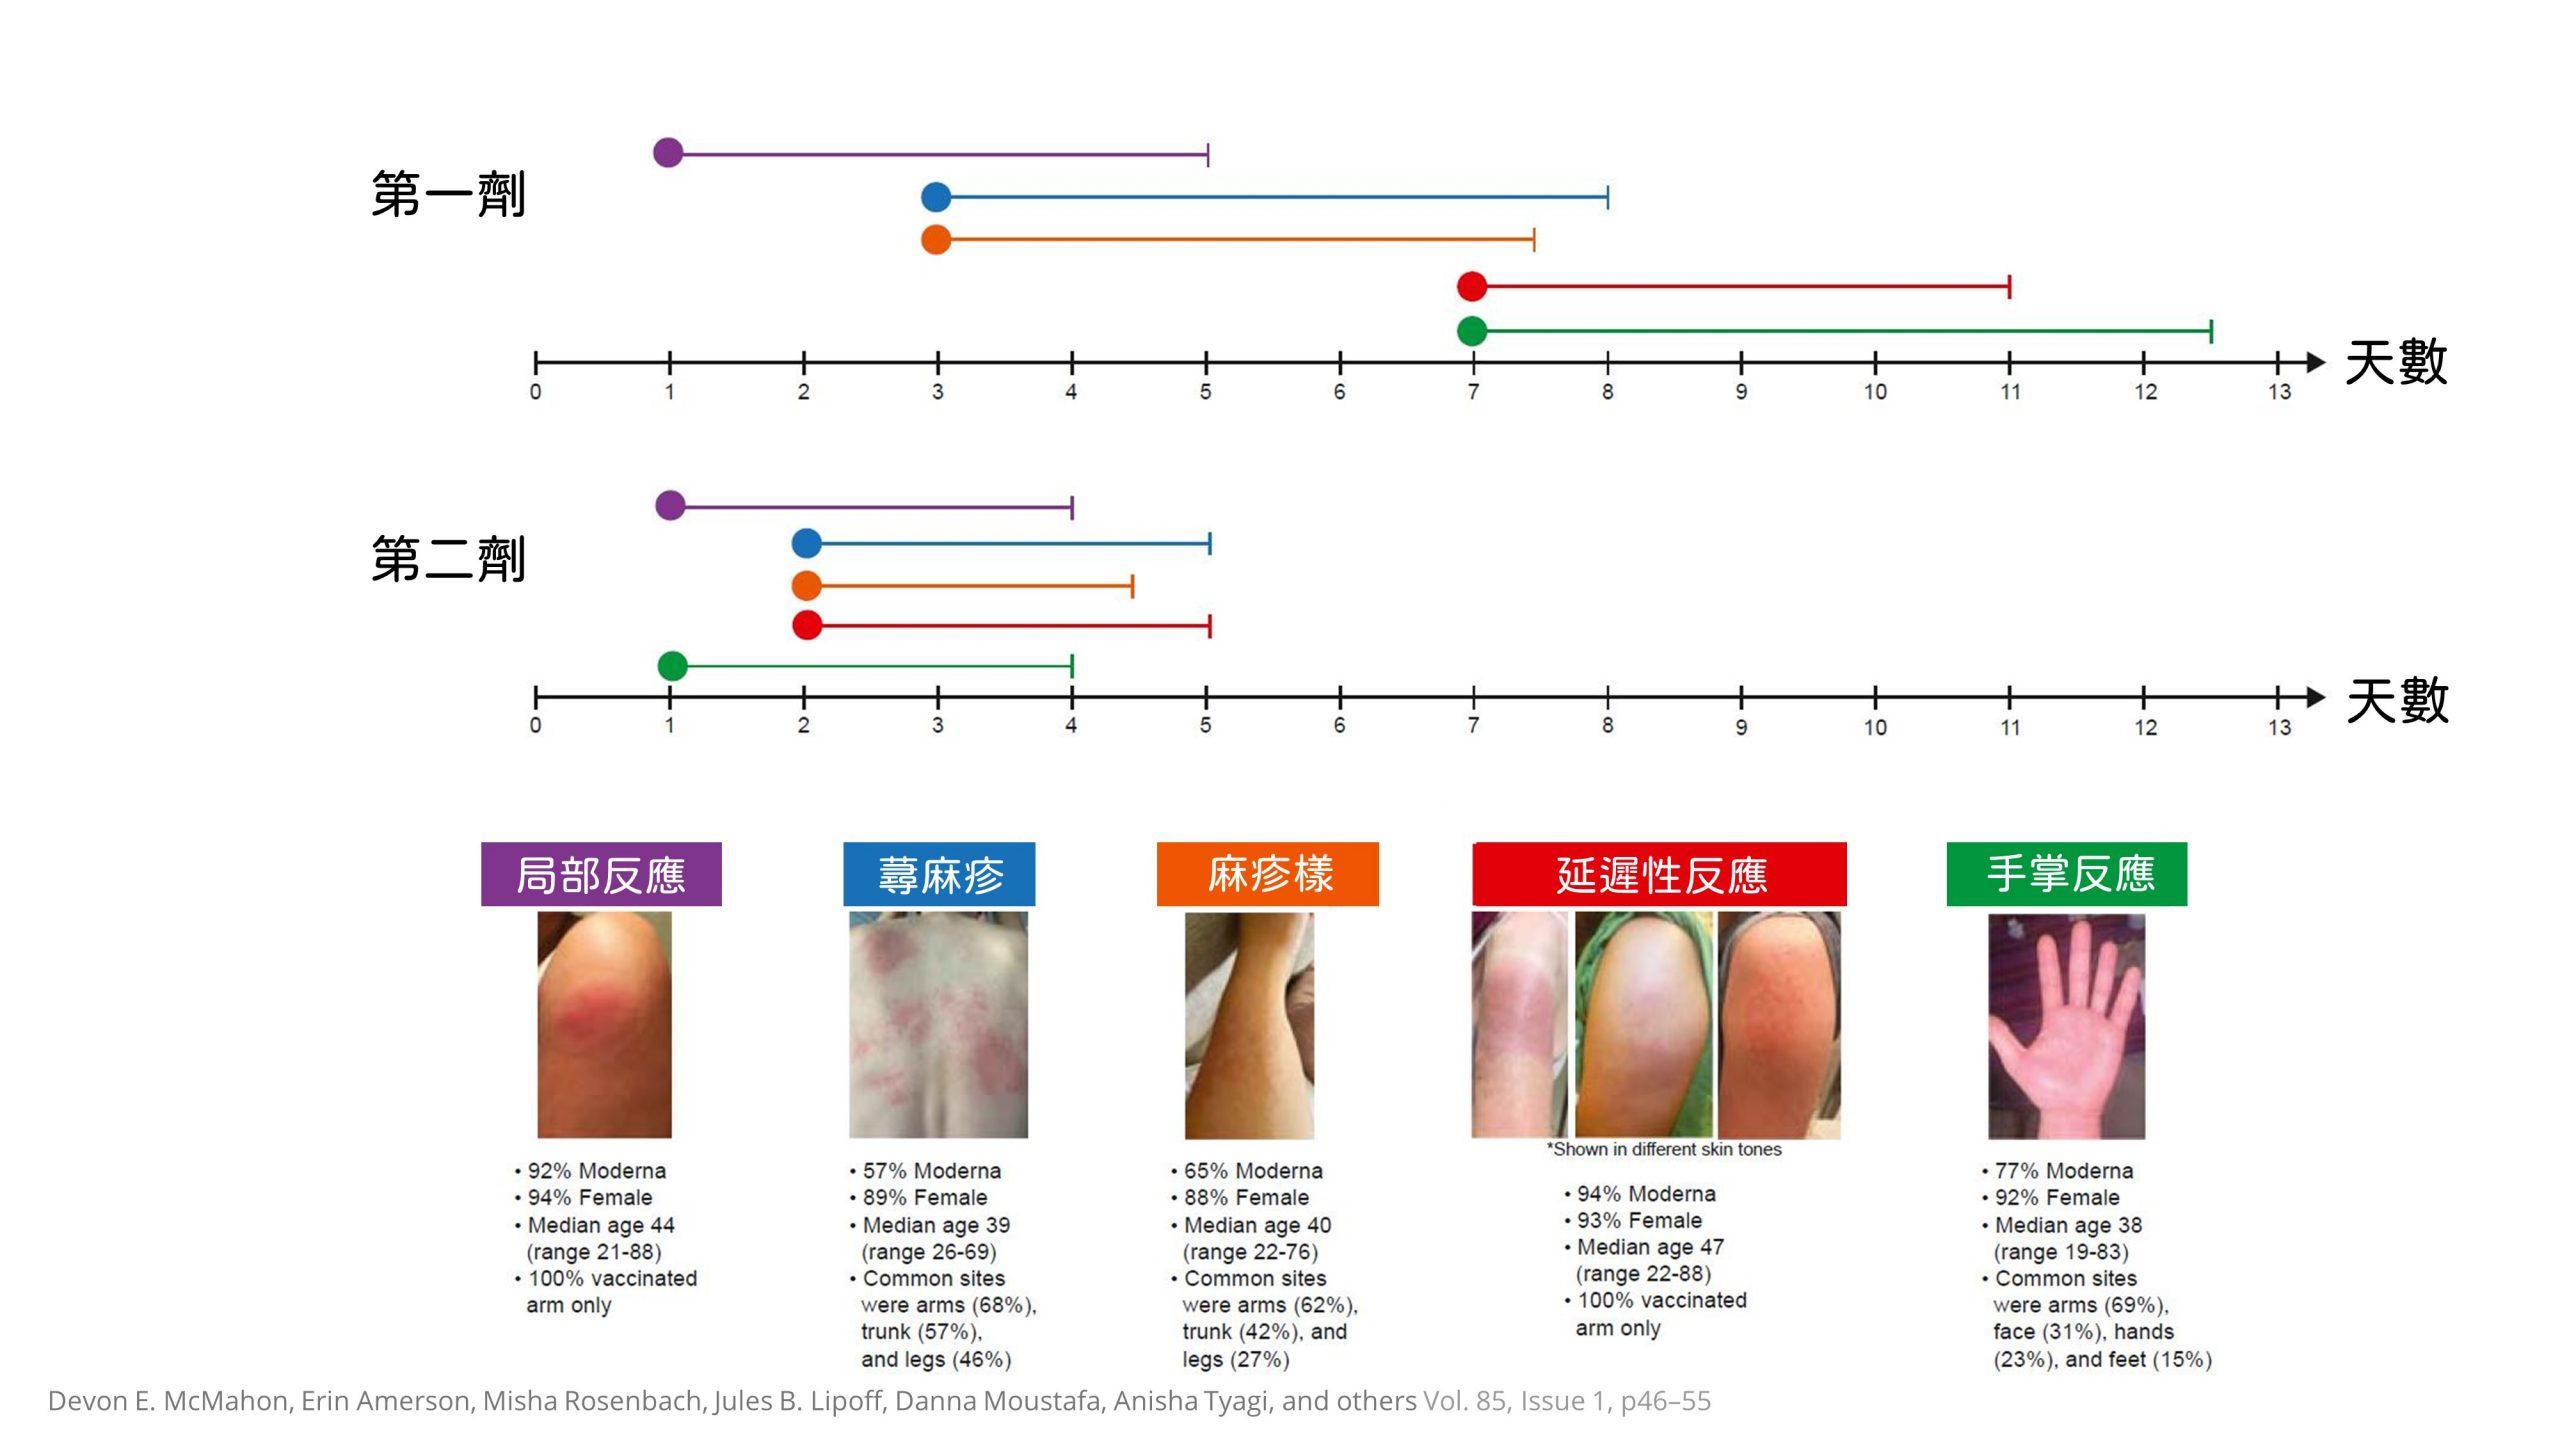 疫苗,防疫,新冠肺炎,異位性皮膚炎,covid-19,蜂窩性組織炎,立即性反應,延遲性反應,火逼性紅斑,熱敷,冰敷,莫德納,AZ疫苗,BNT,過敏反應,COVID arm,莫得那,Moderna,pifzer,新冠狀病毒,莫德那,莫得納,手臂紅腫,莫德納手臂,moderna arm,新冠手臂